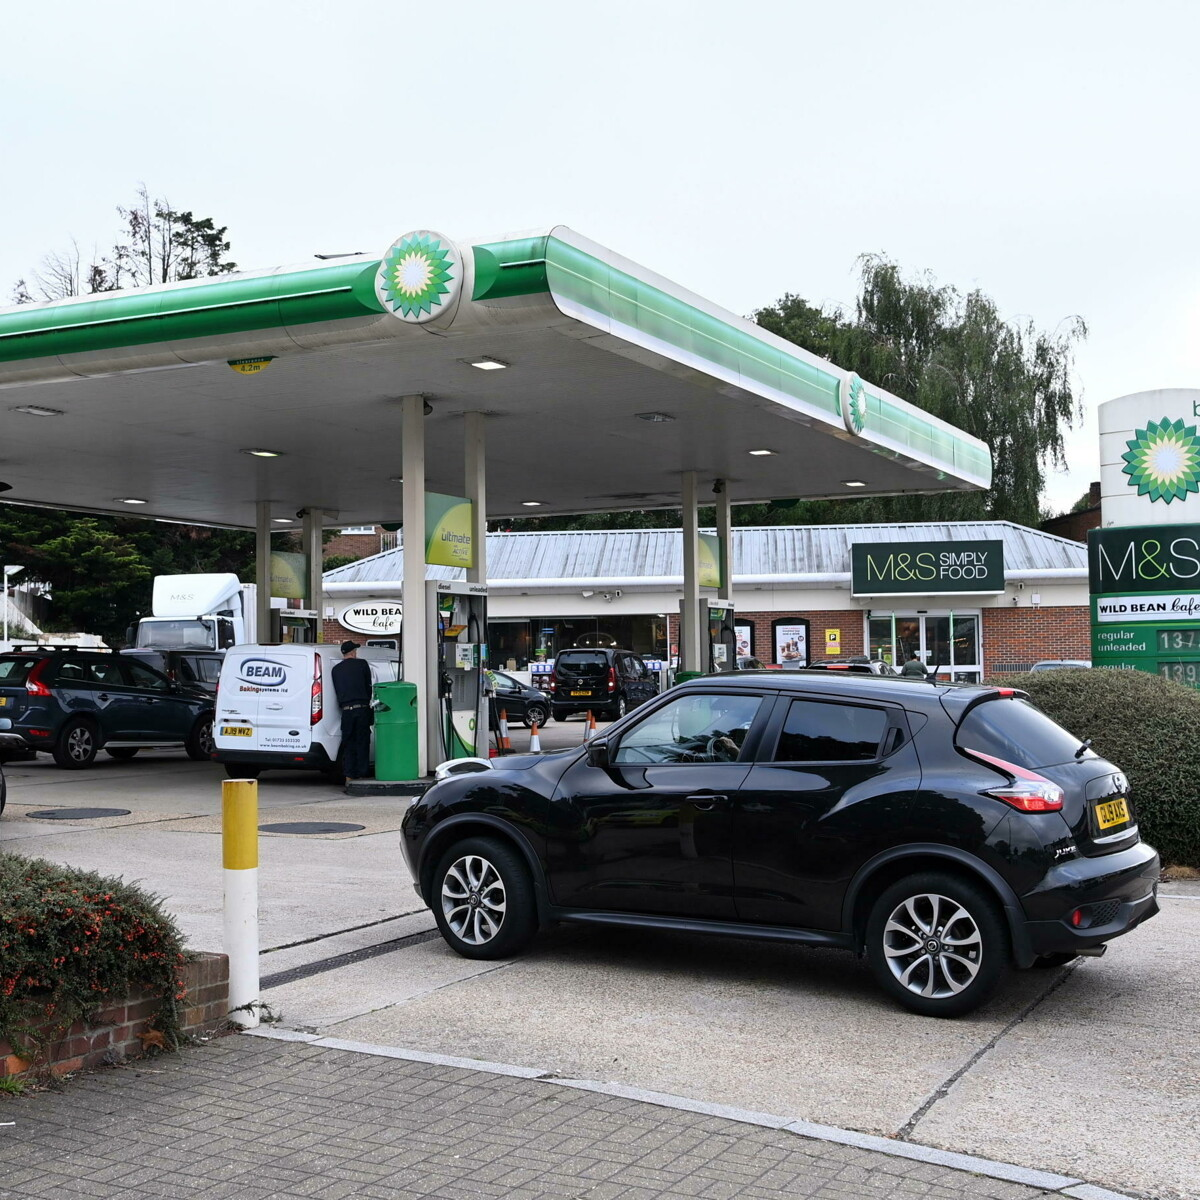 Pompe di benzina chiuse e caro alimenti del 5%, ora Londra teme la crisi